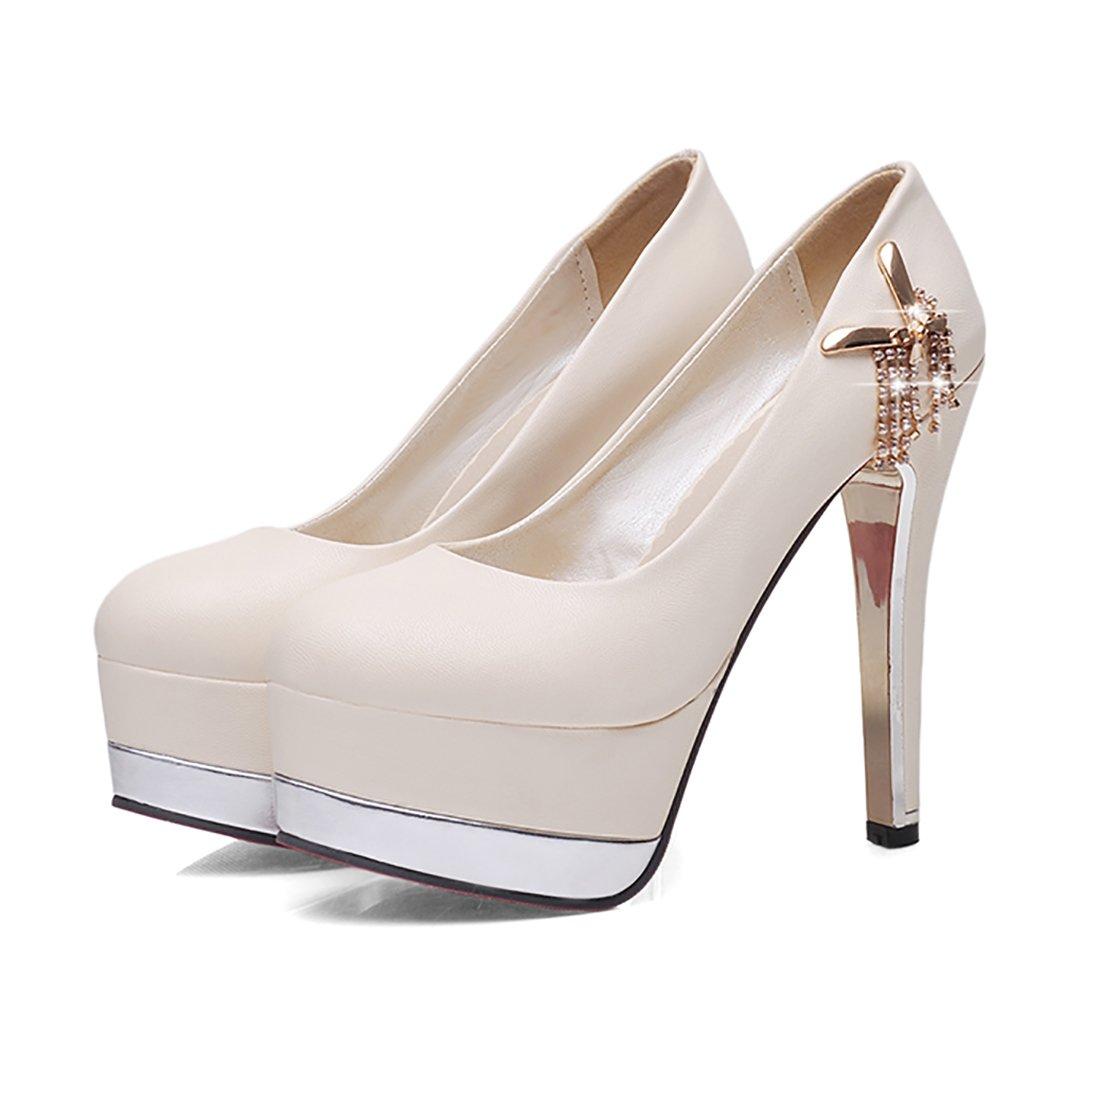 24d24953599d UH Damen Stiletto High Heels Geschlossen Plateau Pumps mit Strass Elegante Party  Schuhe - associate-degree.de